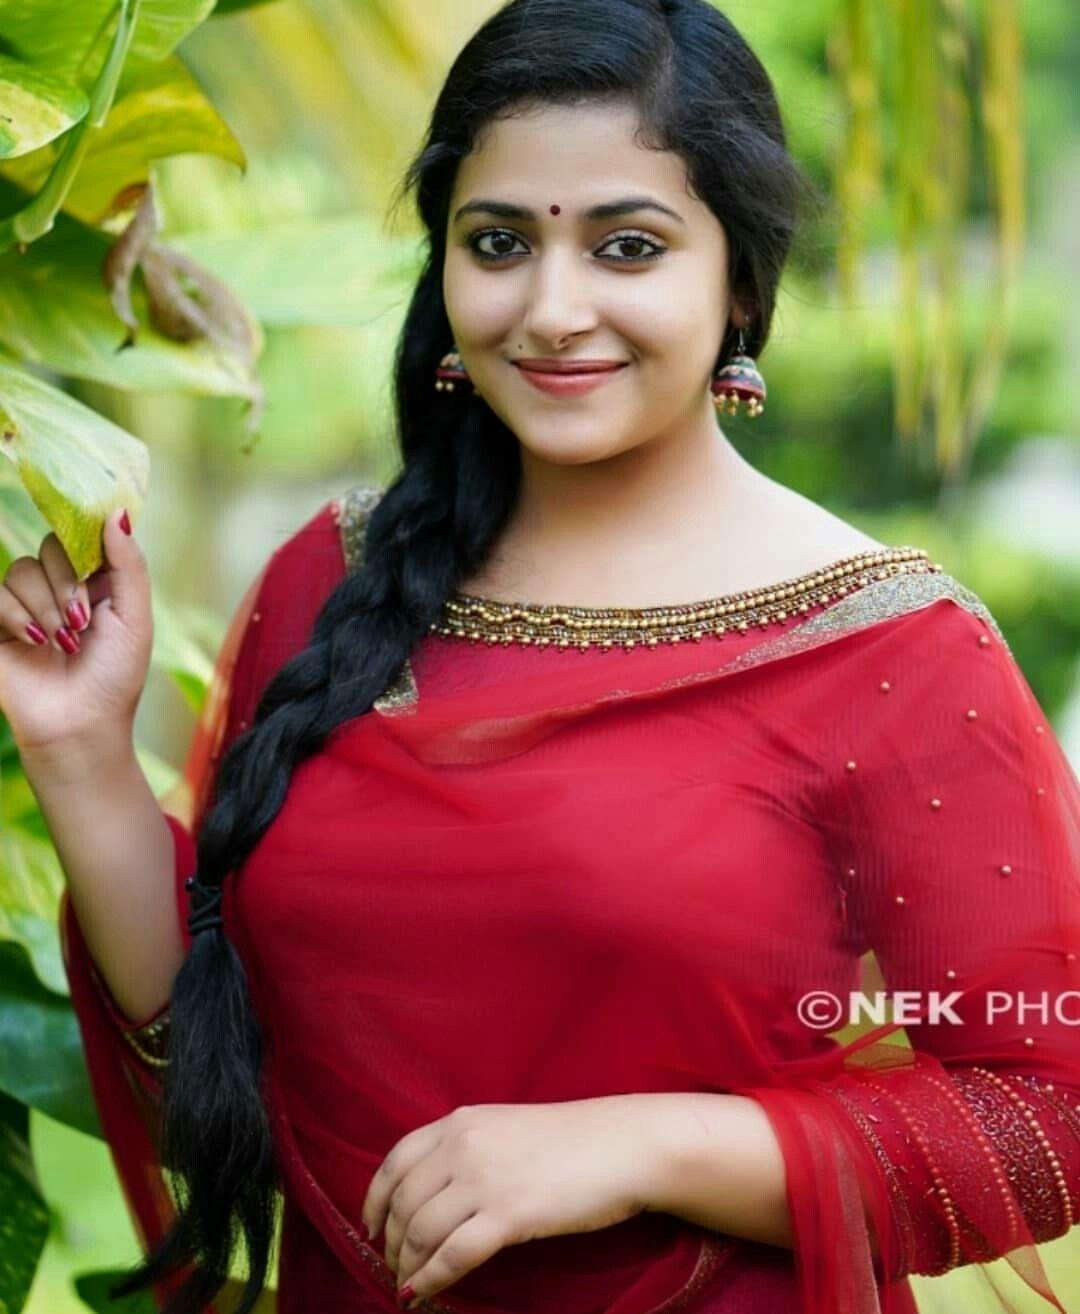 Beauties India Beauty Beautiful Actresses Kerala Saree T